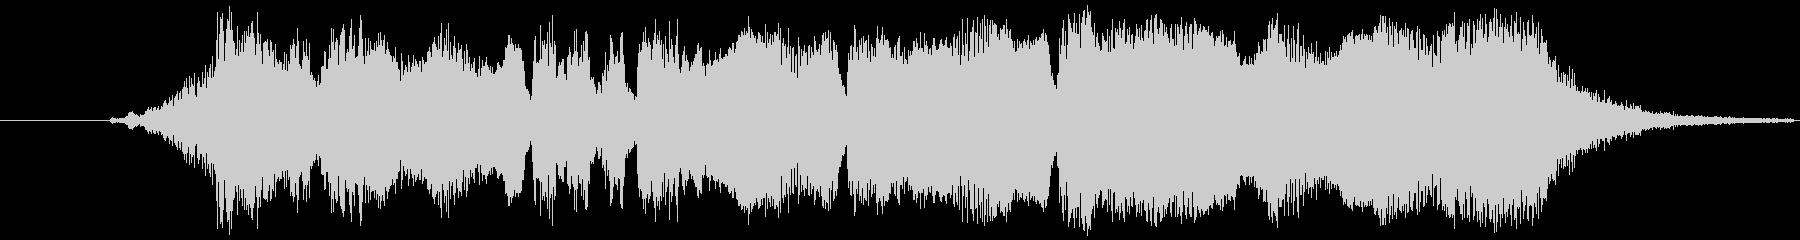 金管楽器による優しいファンファーレの未再生の波形